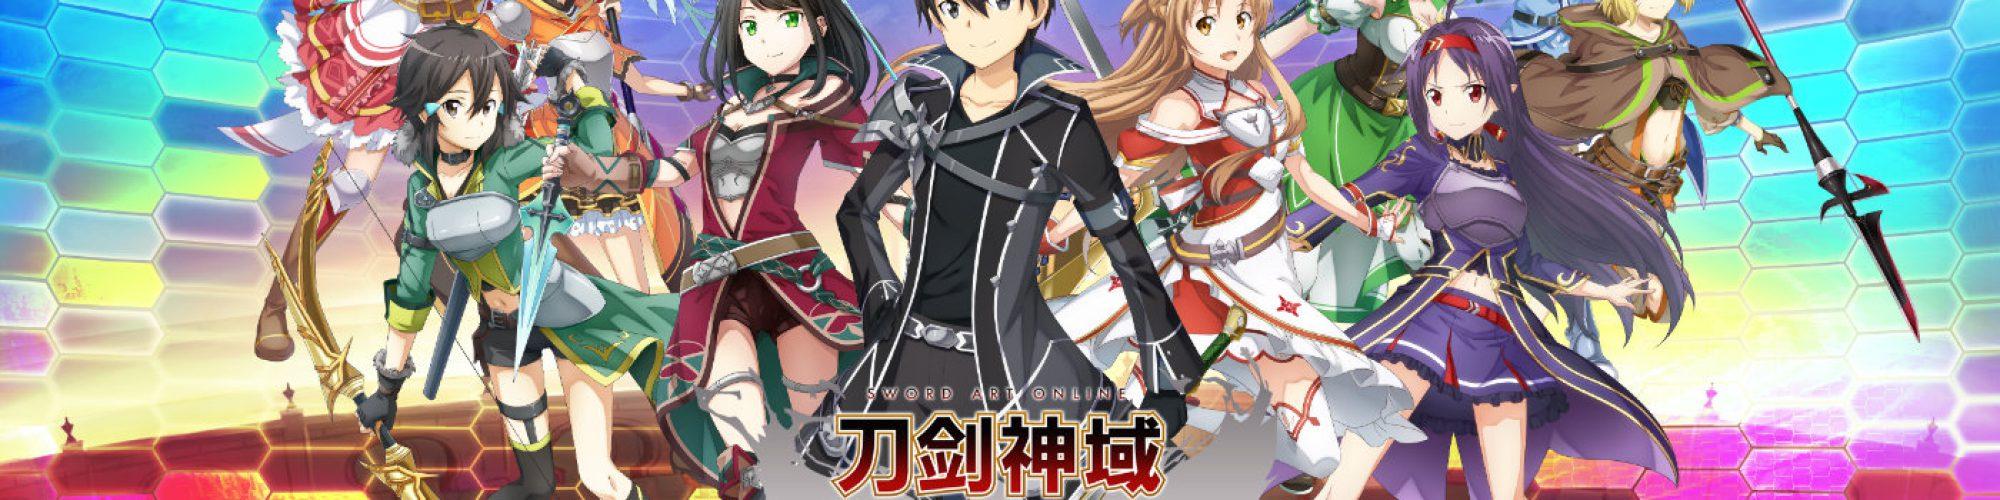 Sword Art Online: Ace Mobile đang được phát triển